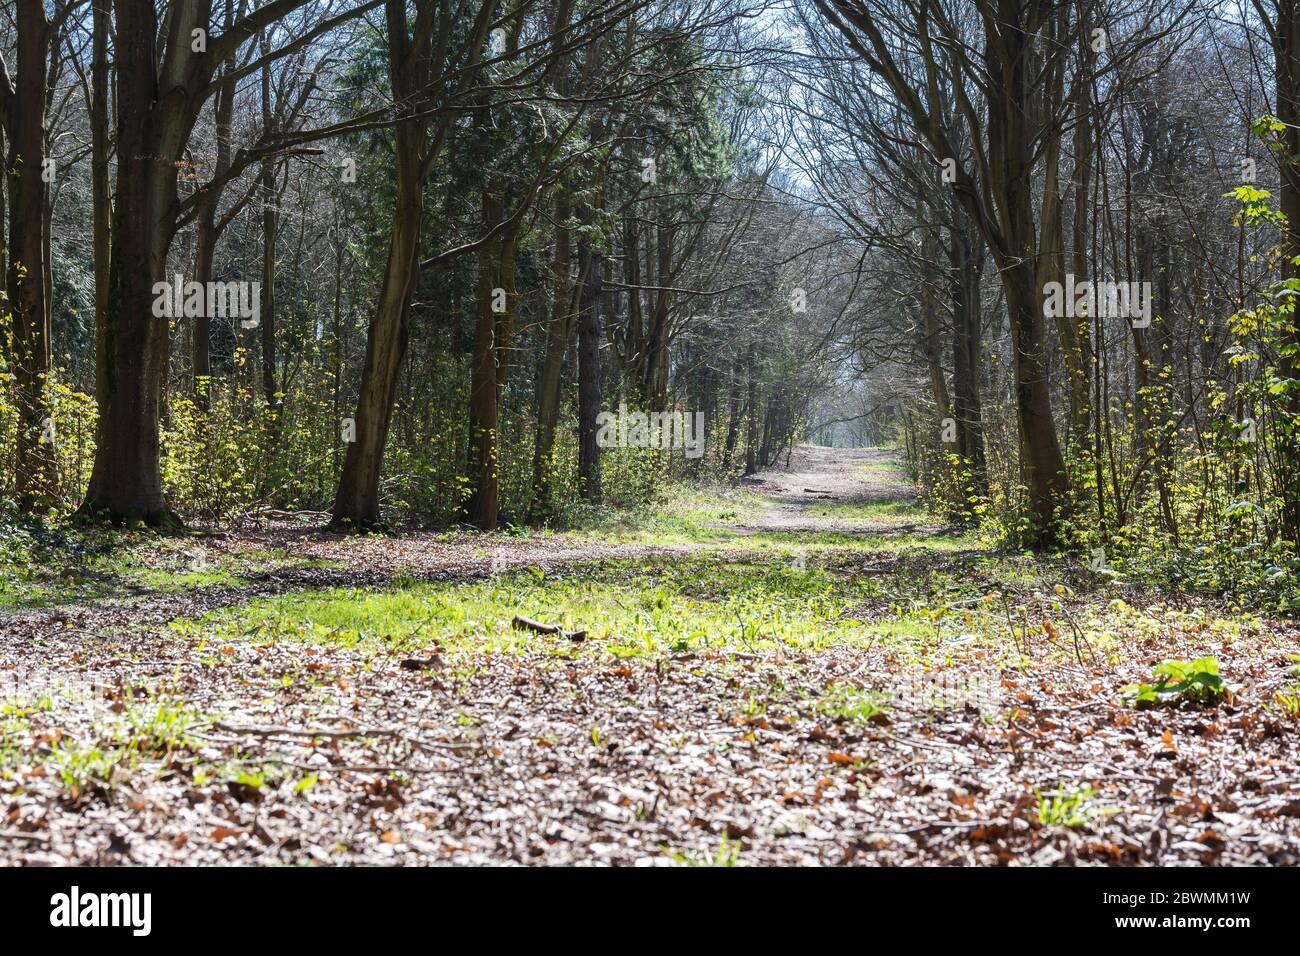 Forêt de friston près de Seaford, East Sussex, Angleterre, vue sur les arbres au printemps, près de la rivière Cuckmere, point sélectif Banque D'Images